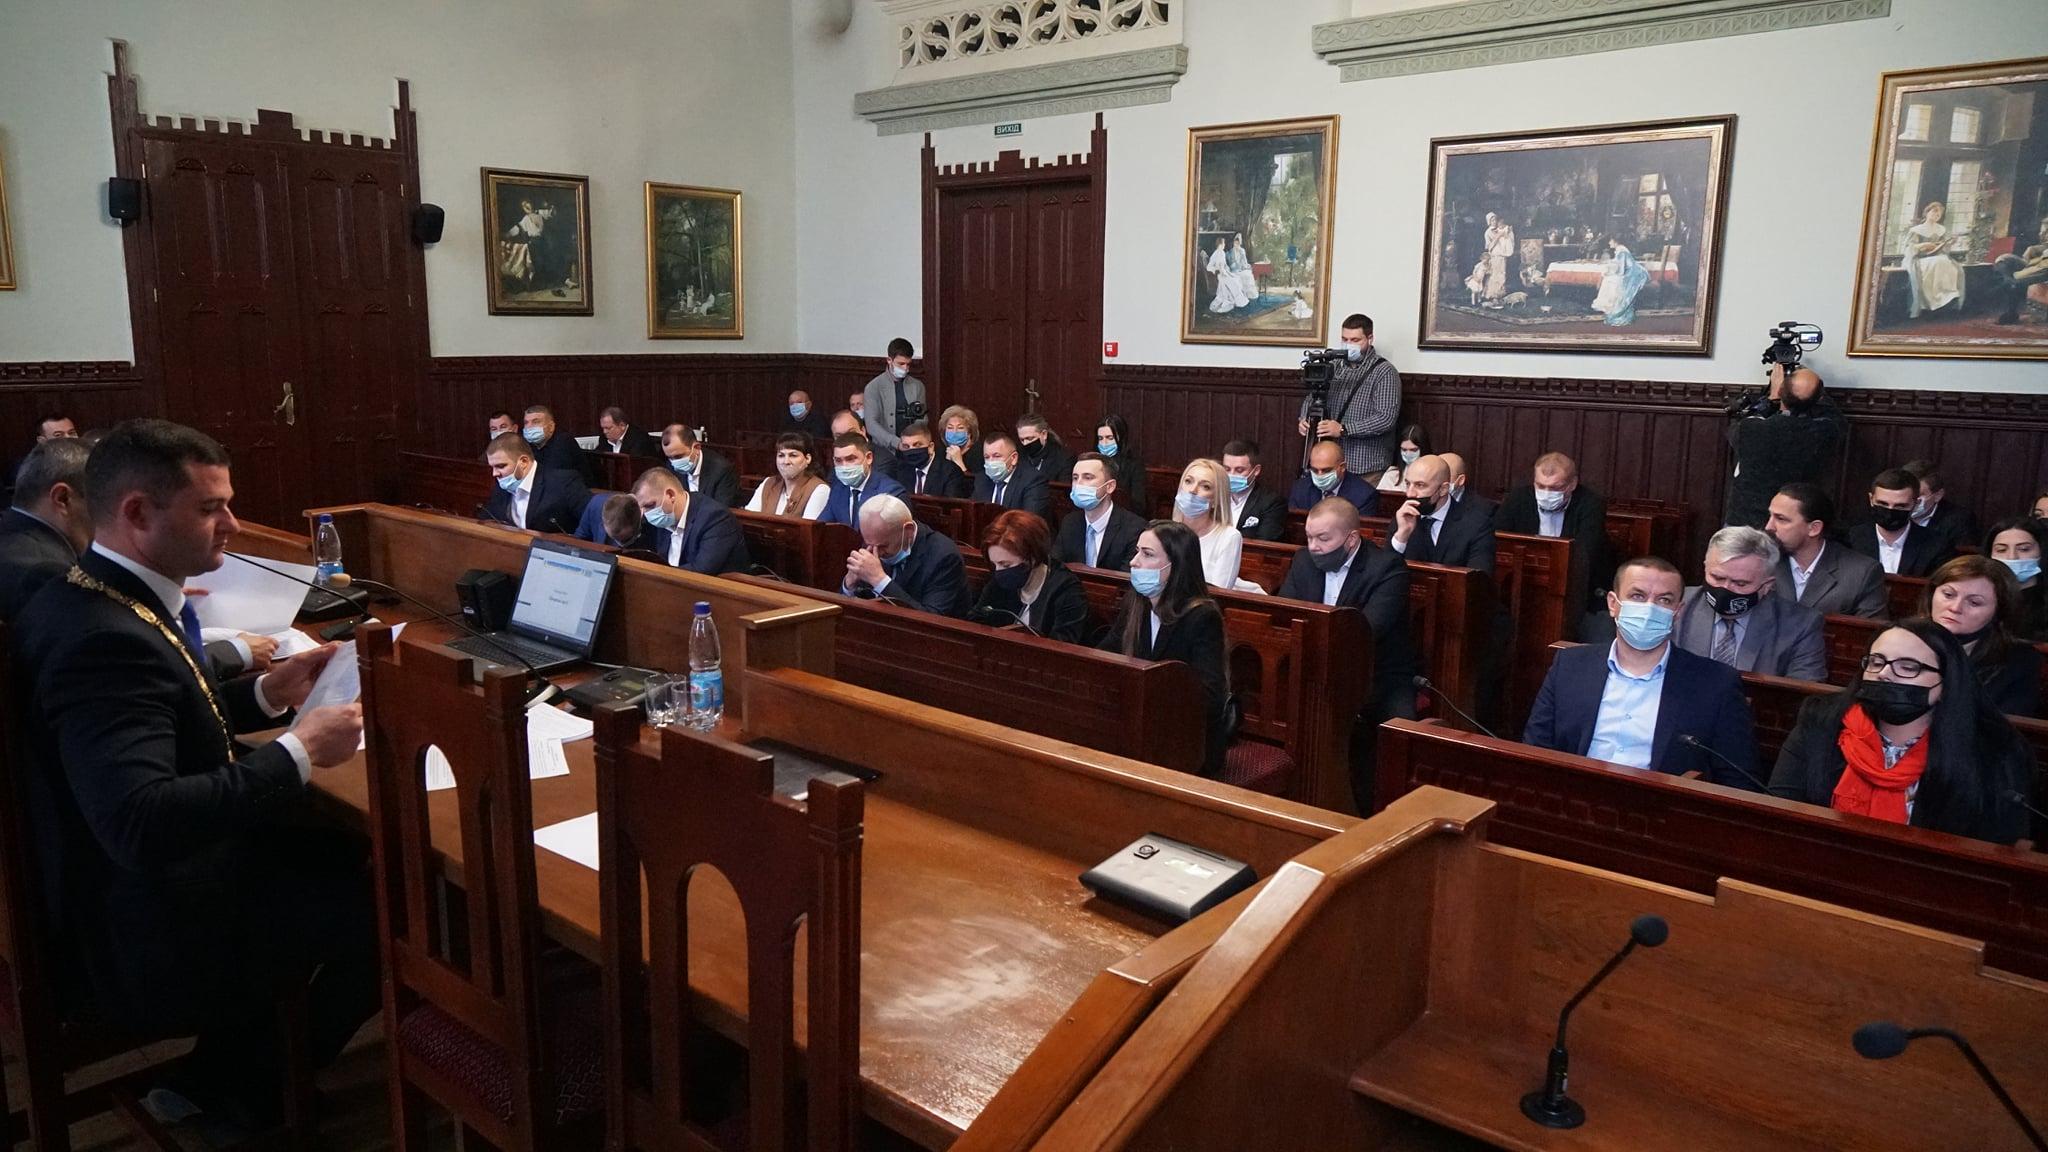 Таке рішення депутатський корпус прийматиме на черговому сесійному засіданні.